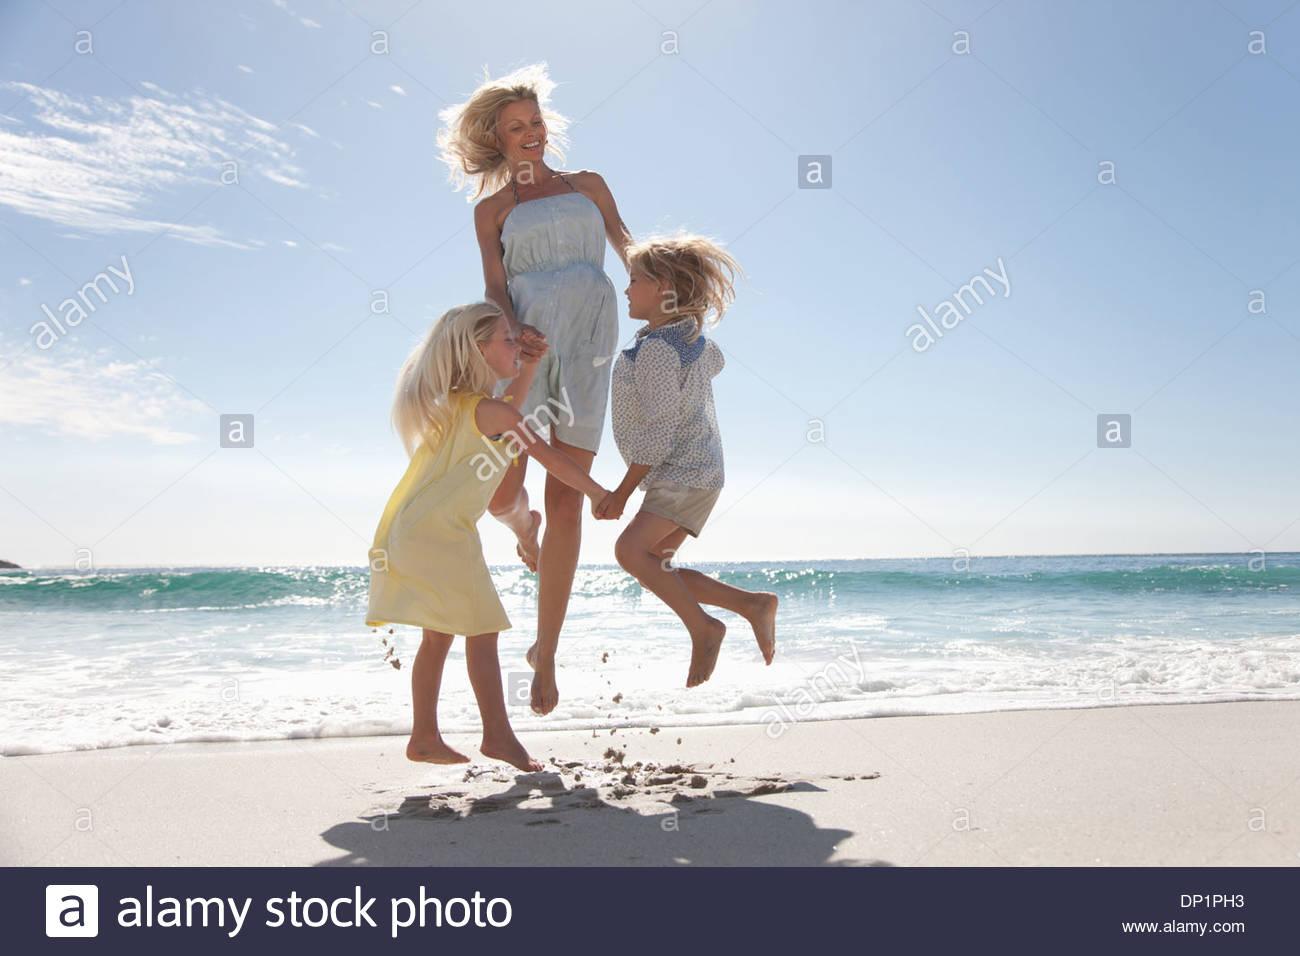 Famiglia giocando sulla spiaggia Immagini Stock